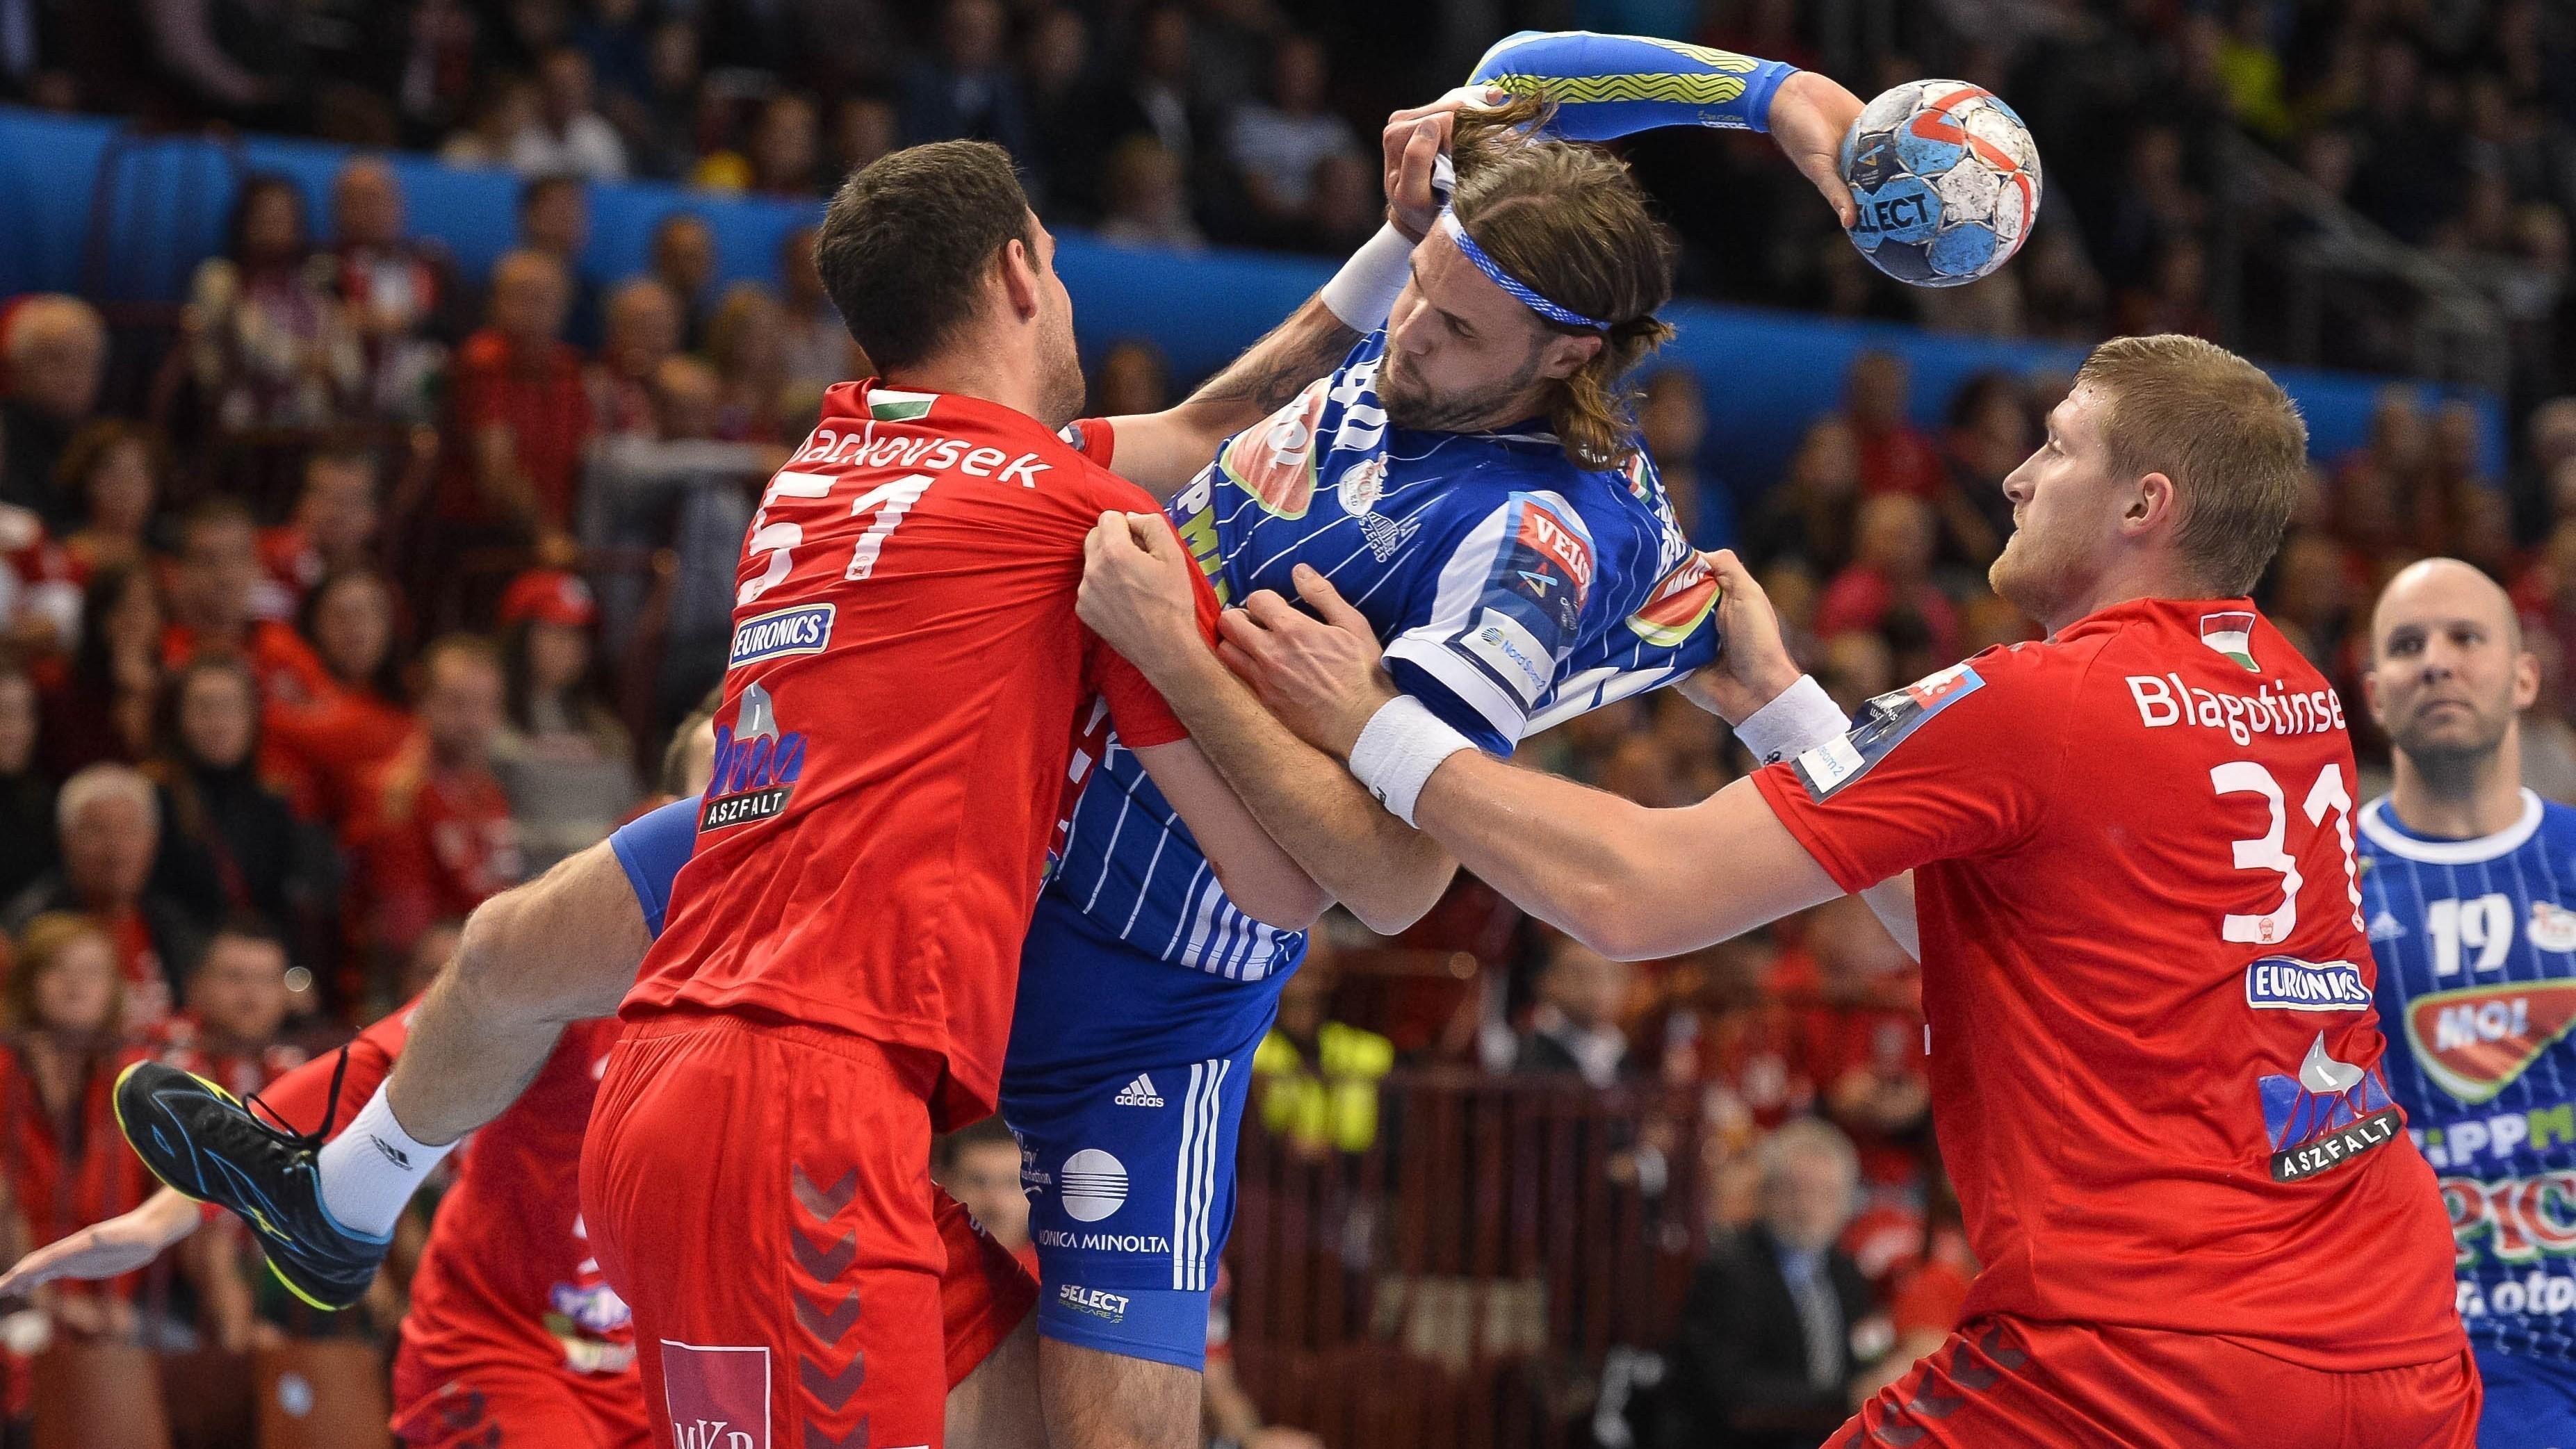 Férfi kézilabda NB I - A Szeged ismét győzött Veszprémben